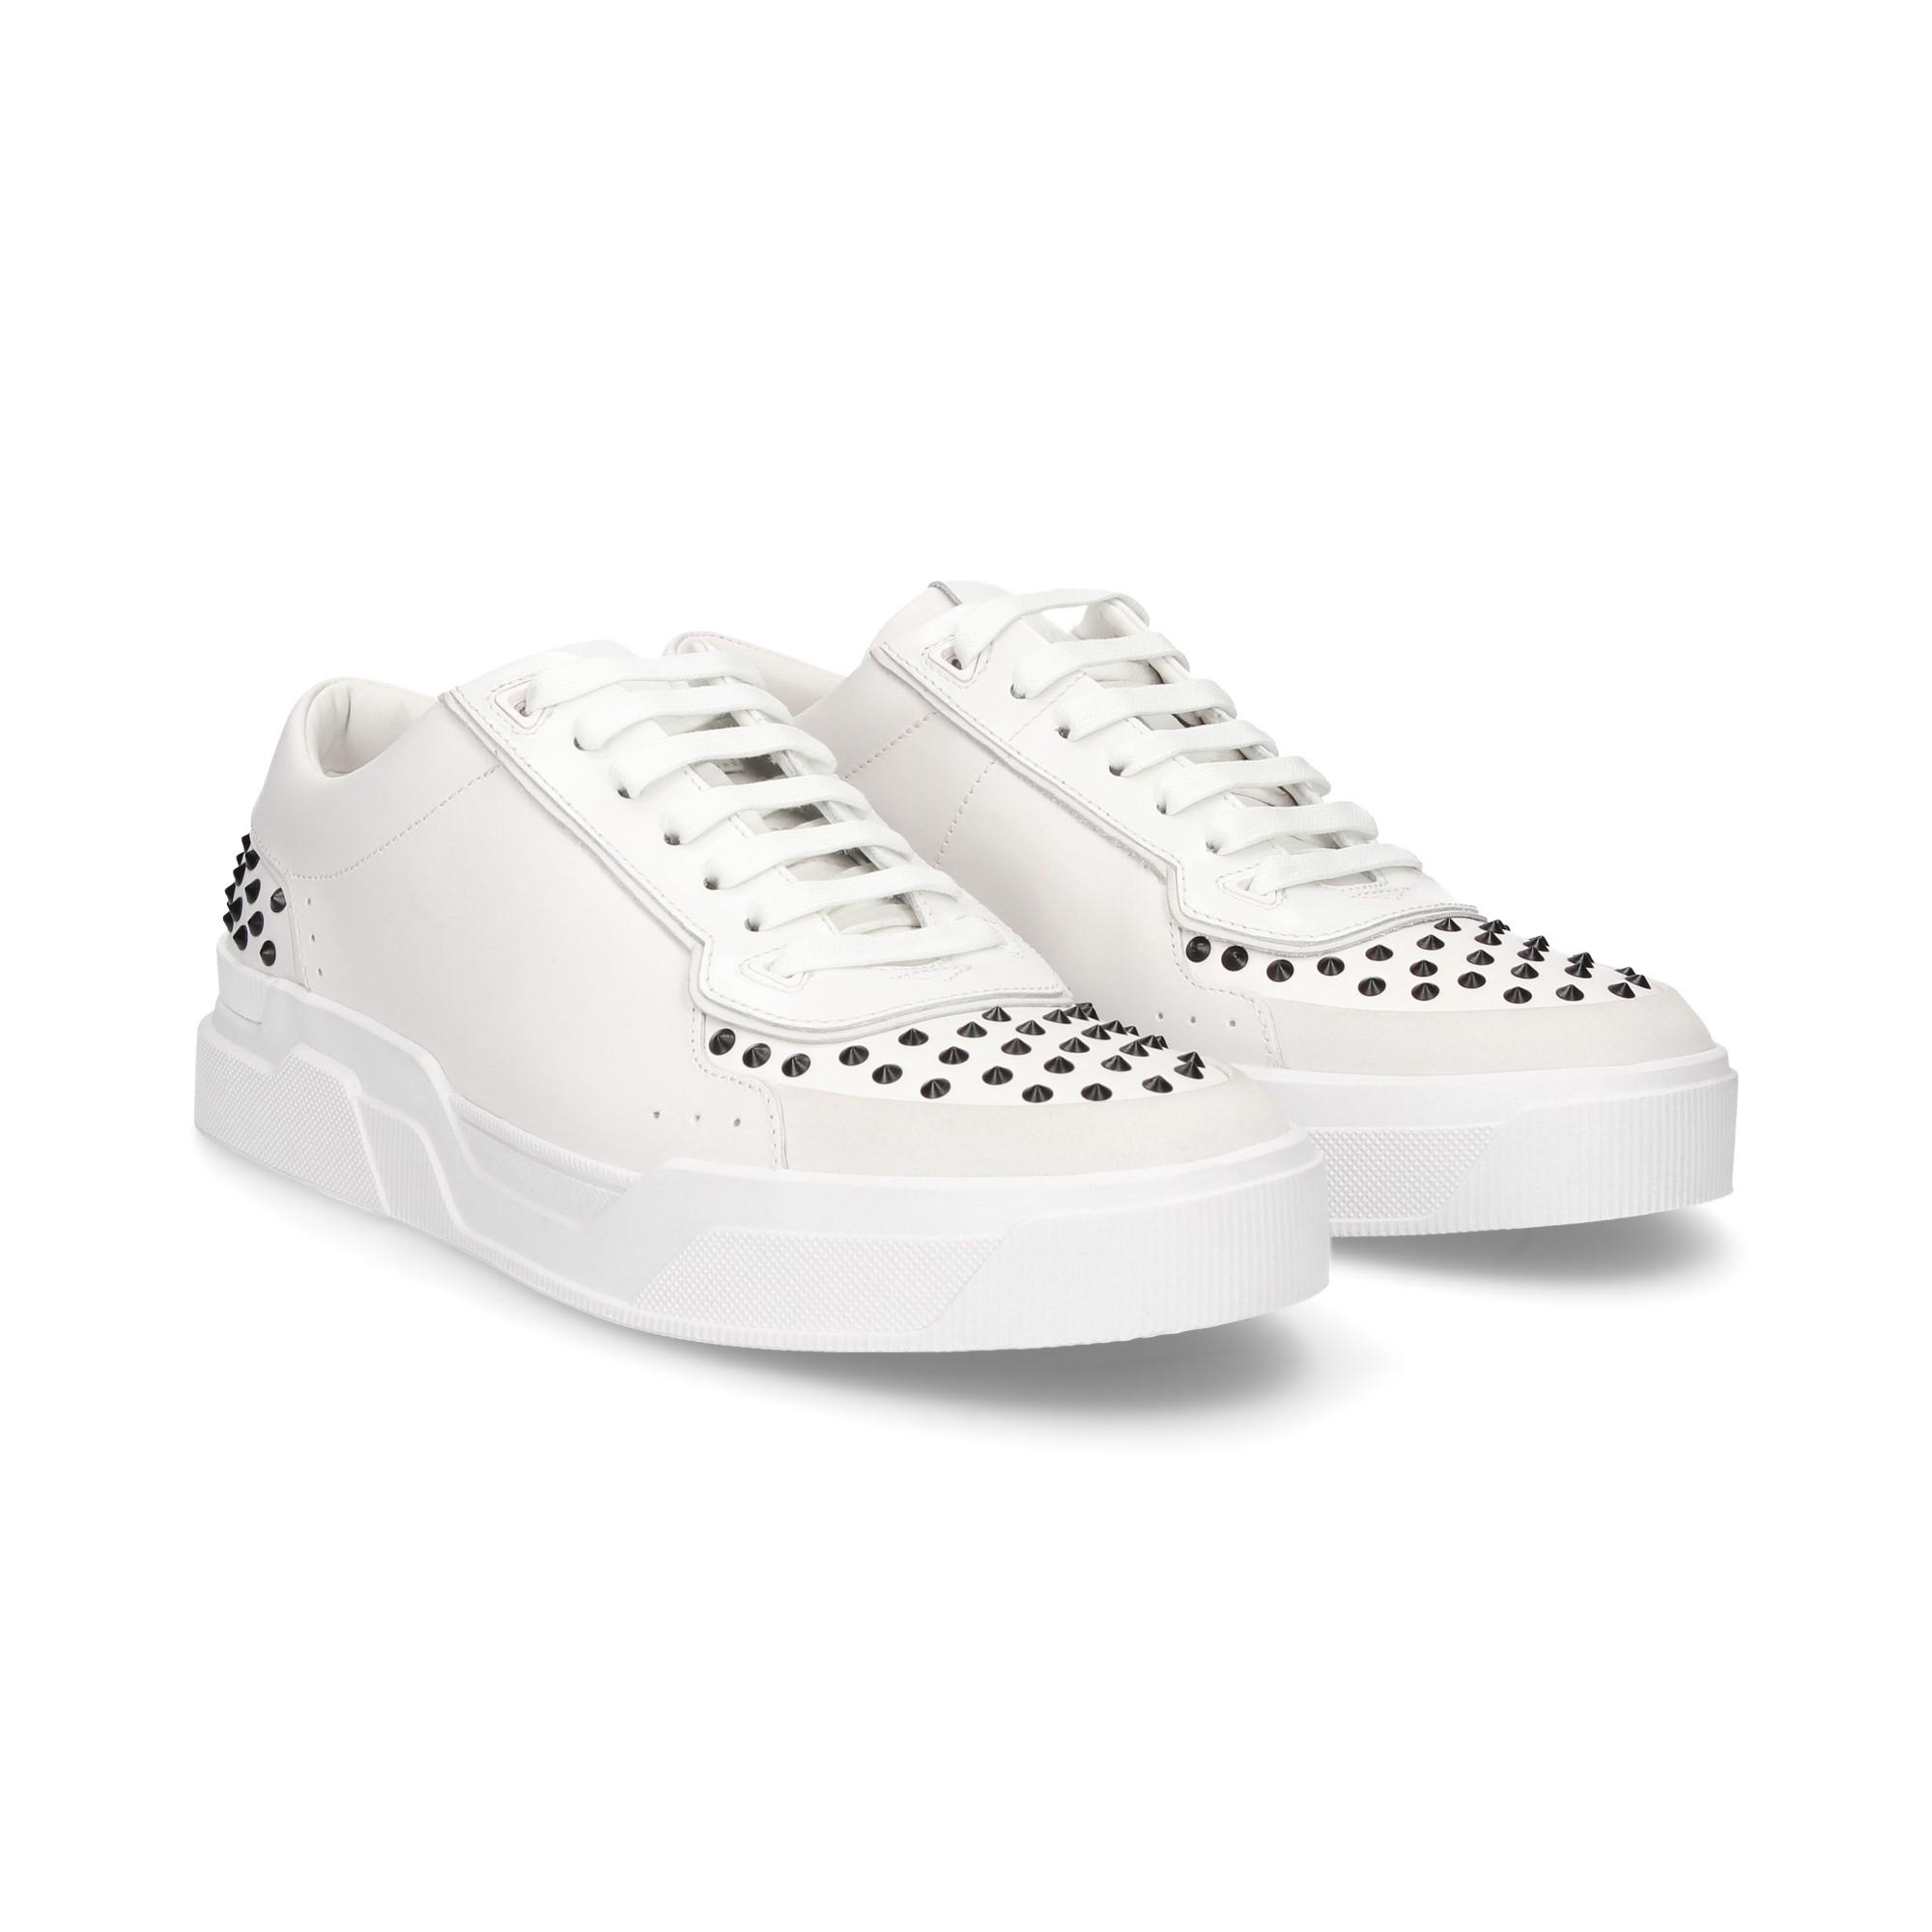 1e5127bcad6 HUGO BOSS Men's sneakers SYMMETRIC 100 WHITE